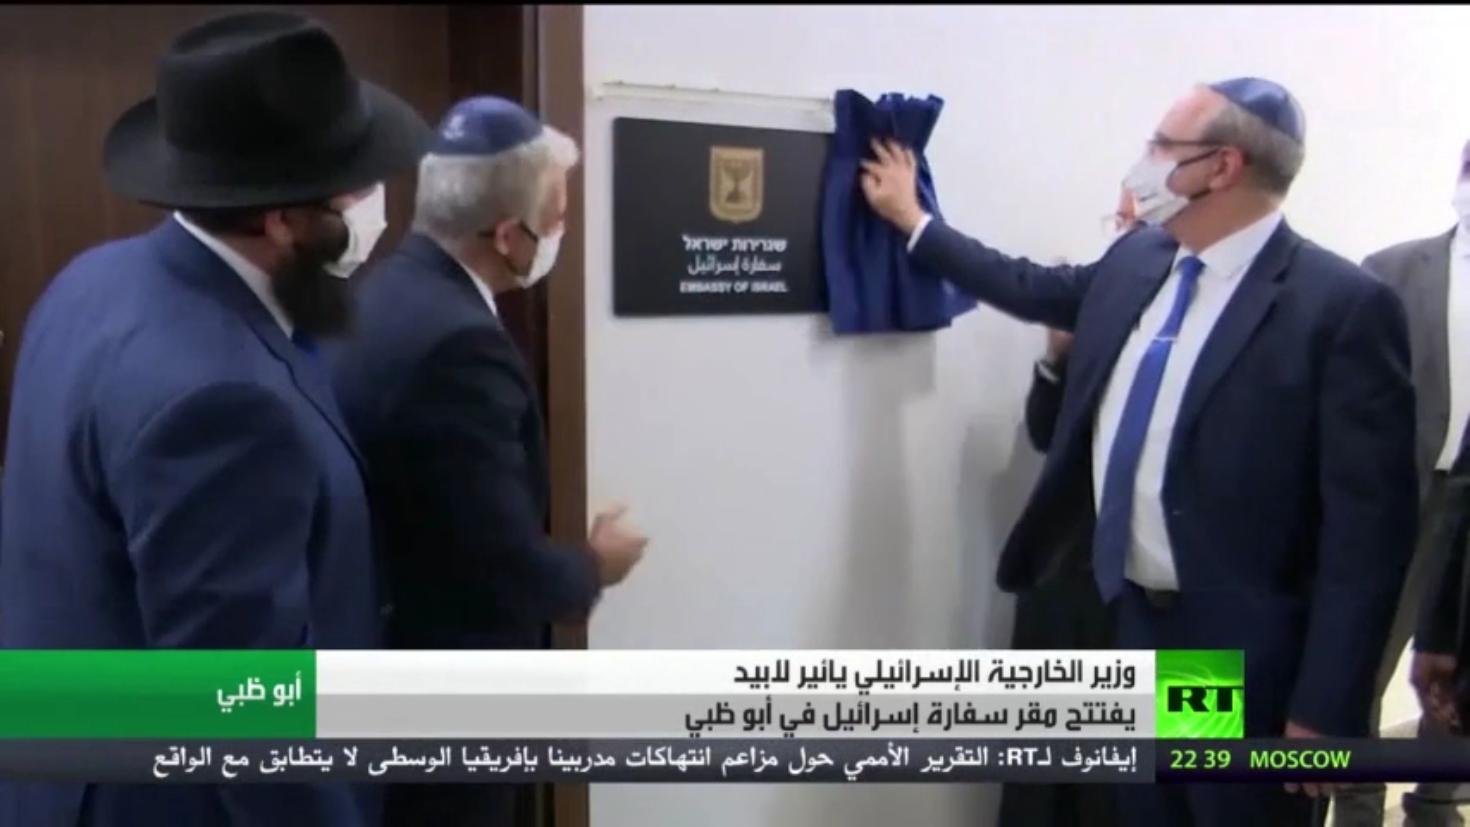 افتتاح مقر السفارة الإسرائيلية في أبو ظبي